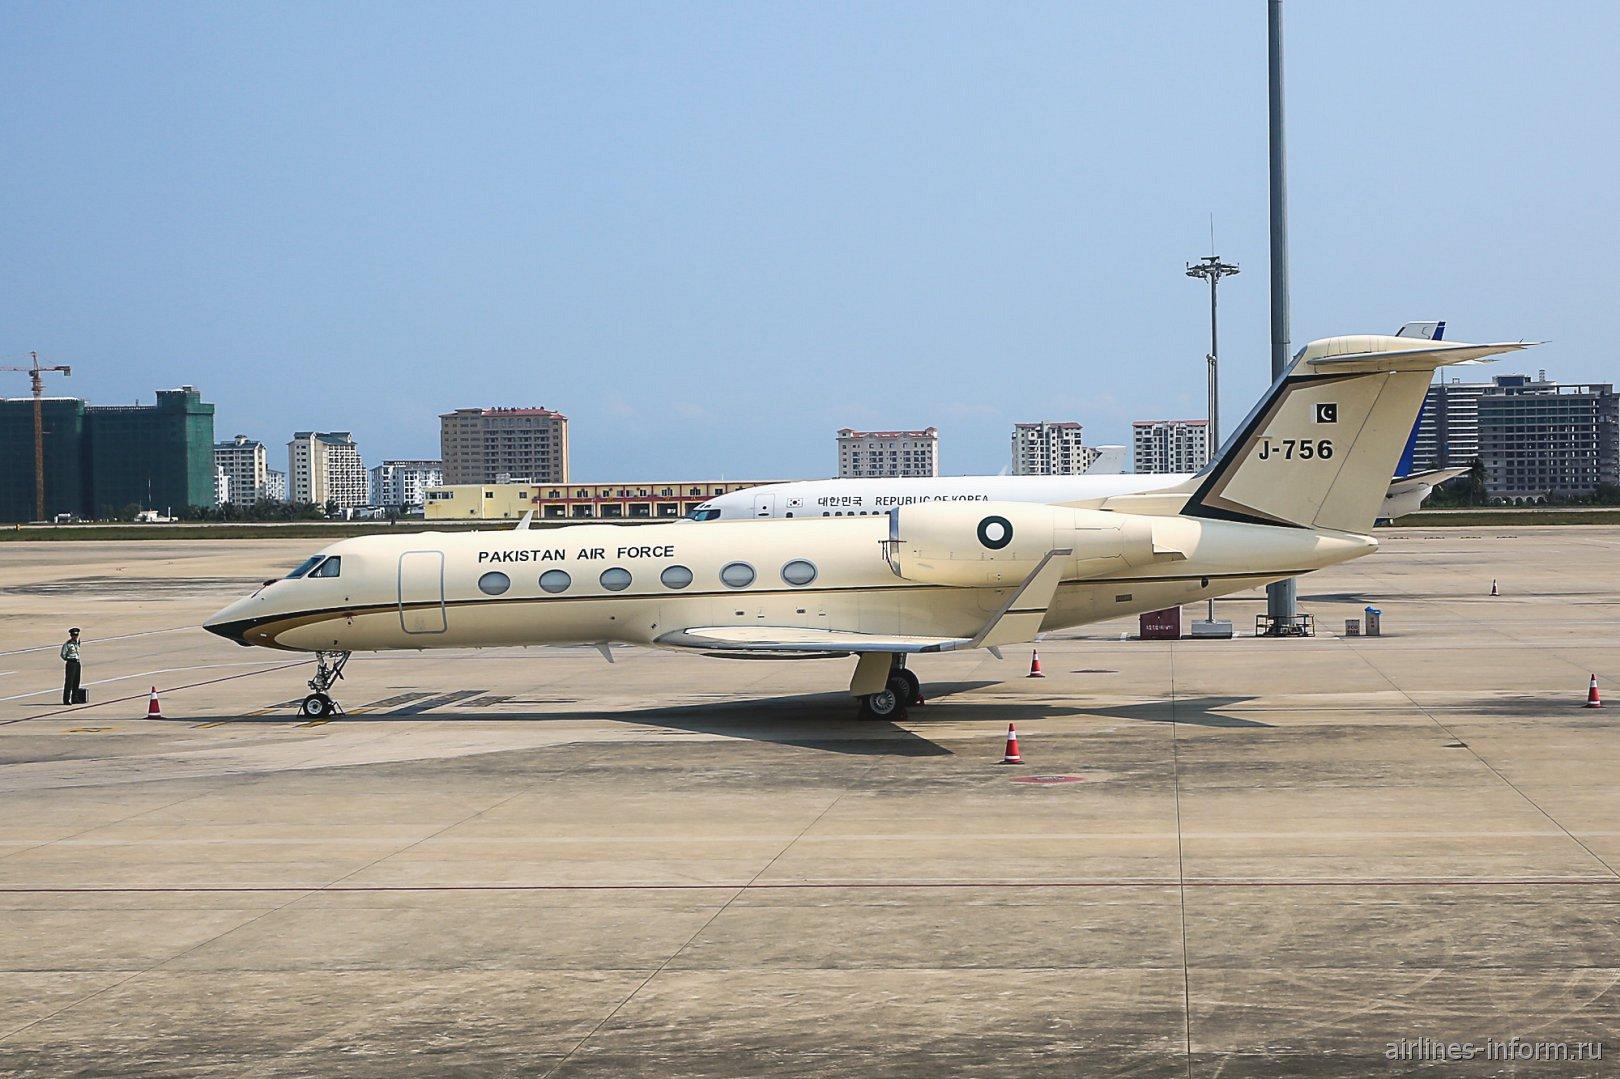 Самолет Gulfstream G450 номер J-756 ВВС Пакистана в аэропорту Феникс